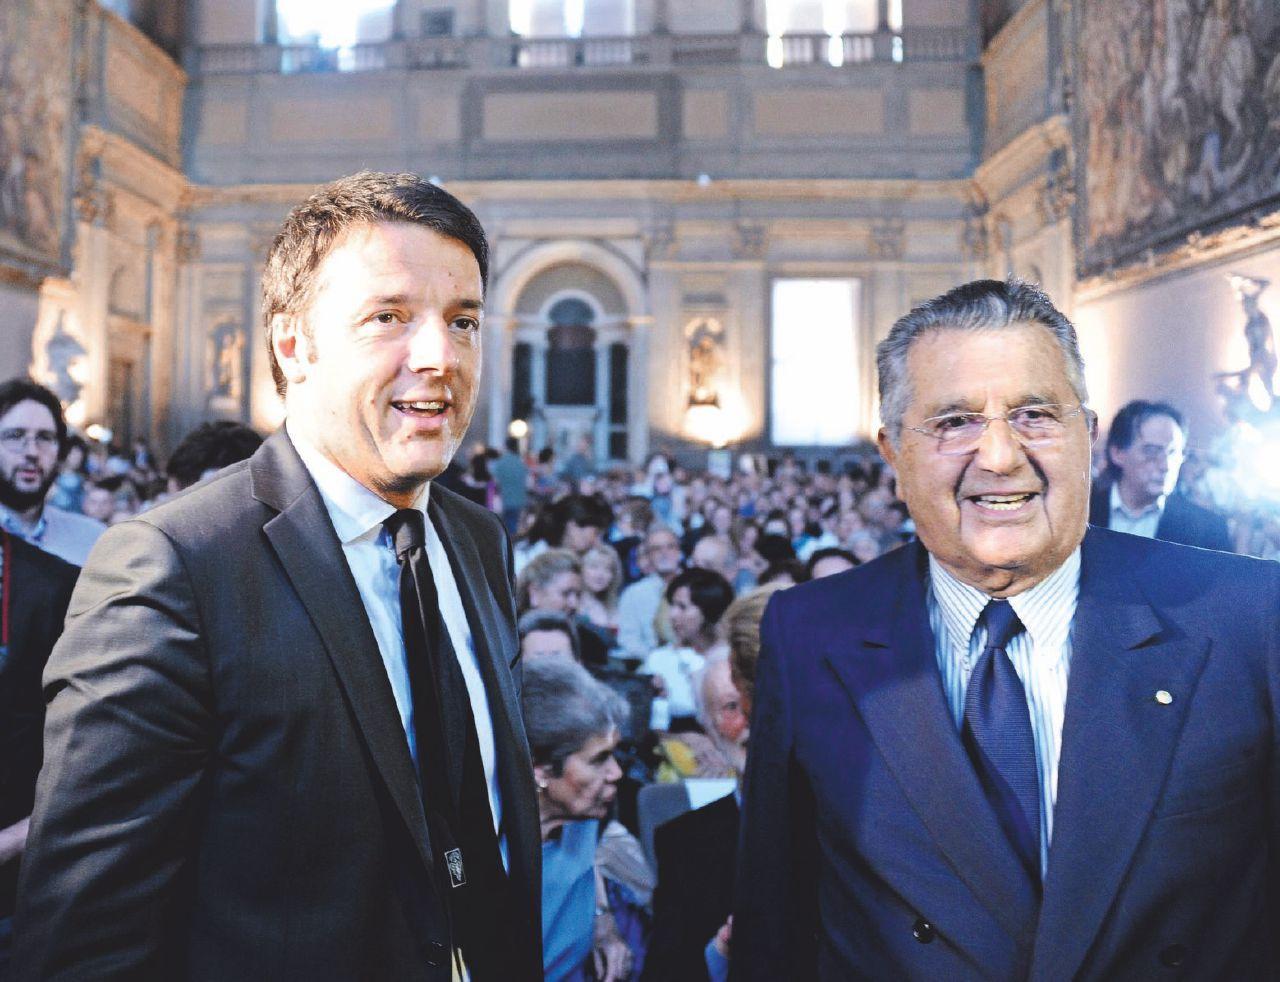 In Edicola sul Fatto Quotidiano del 2 marzo: Insider Renzi-CdB: il gip non archivia e fa nuove indagini